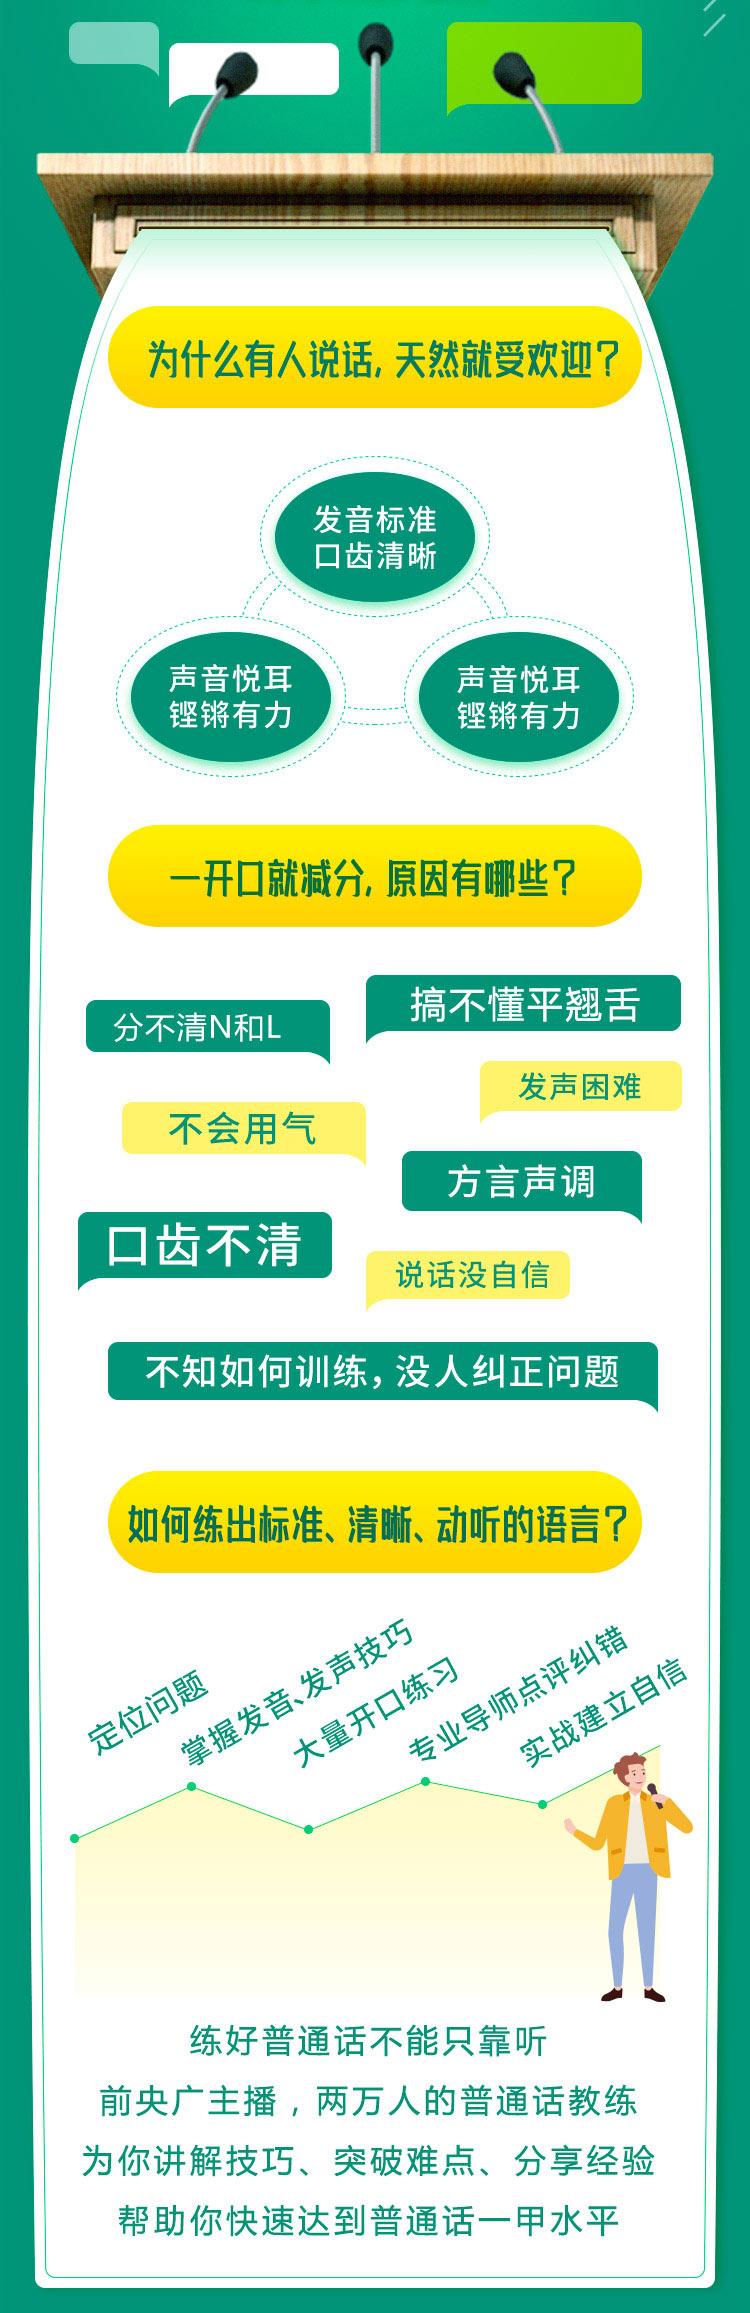 1.jpg 【资源分享】21天说好普通话训练营 资源下载